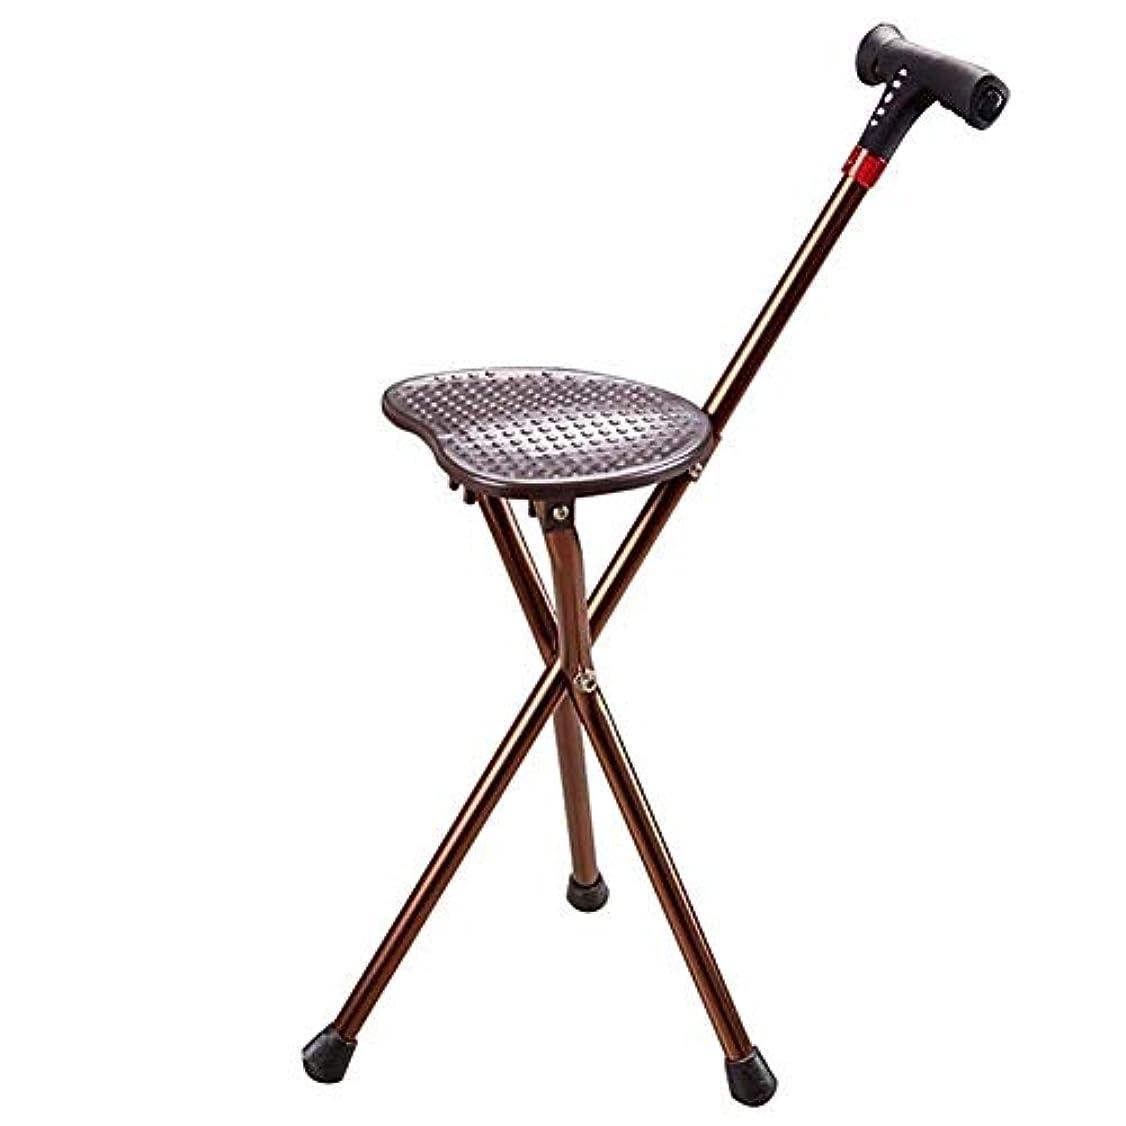 物理的なオプショナルはっきりと軽量で調節可能な高さの杖席、MP3プレイ用の多機能松葉杖、高デシベルアラームなど。